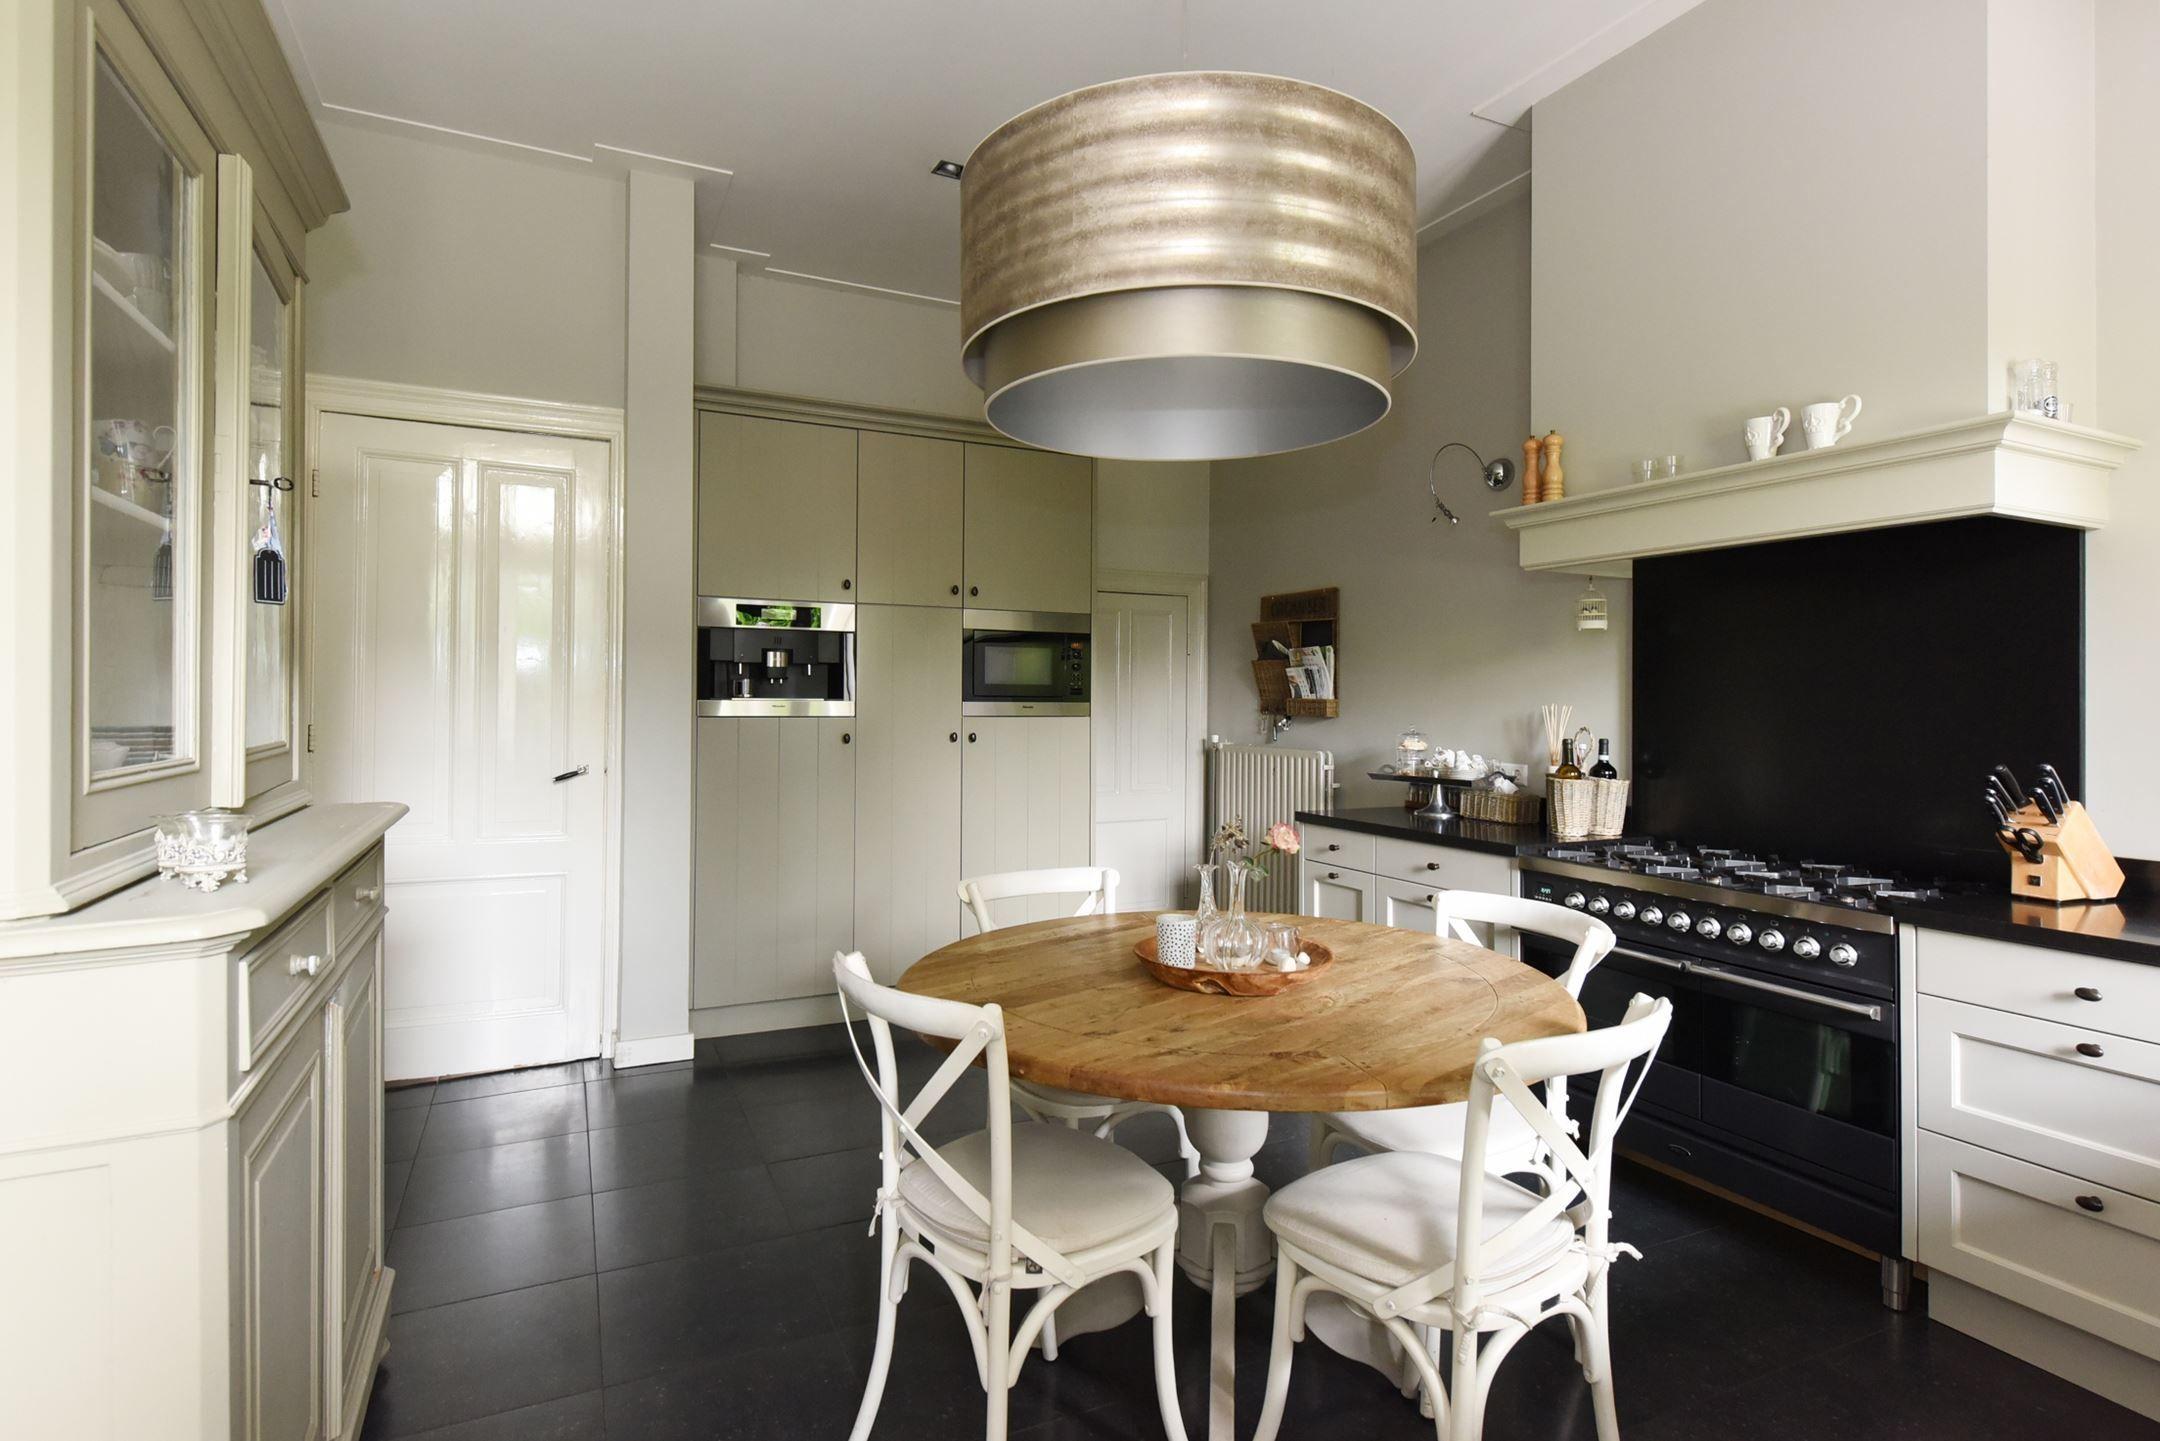 Huis te koop baronielaan 72 4818 rb breda funda ronde for Kleine hoeve te koop